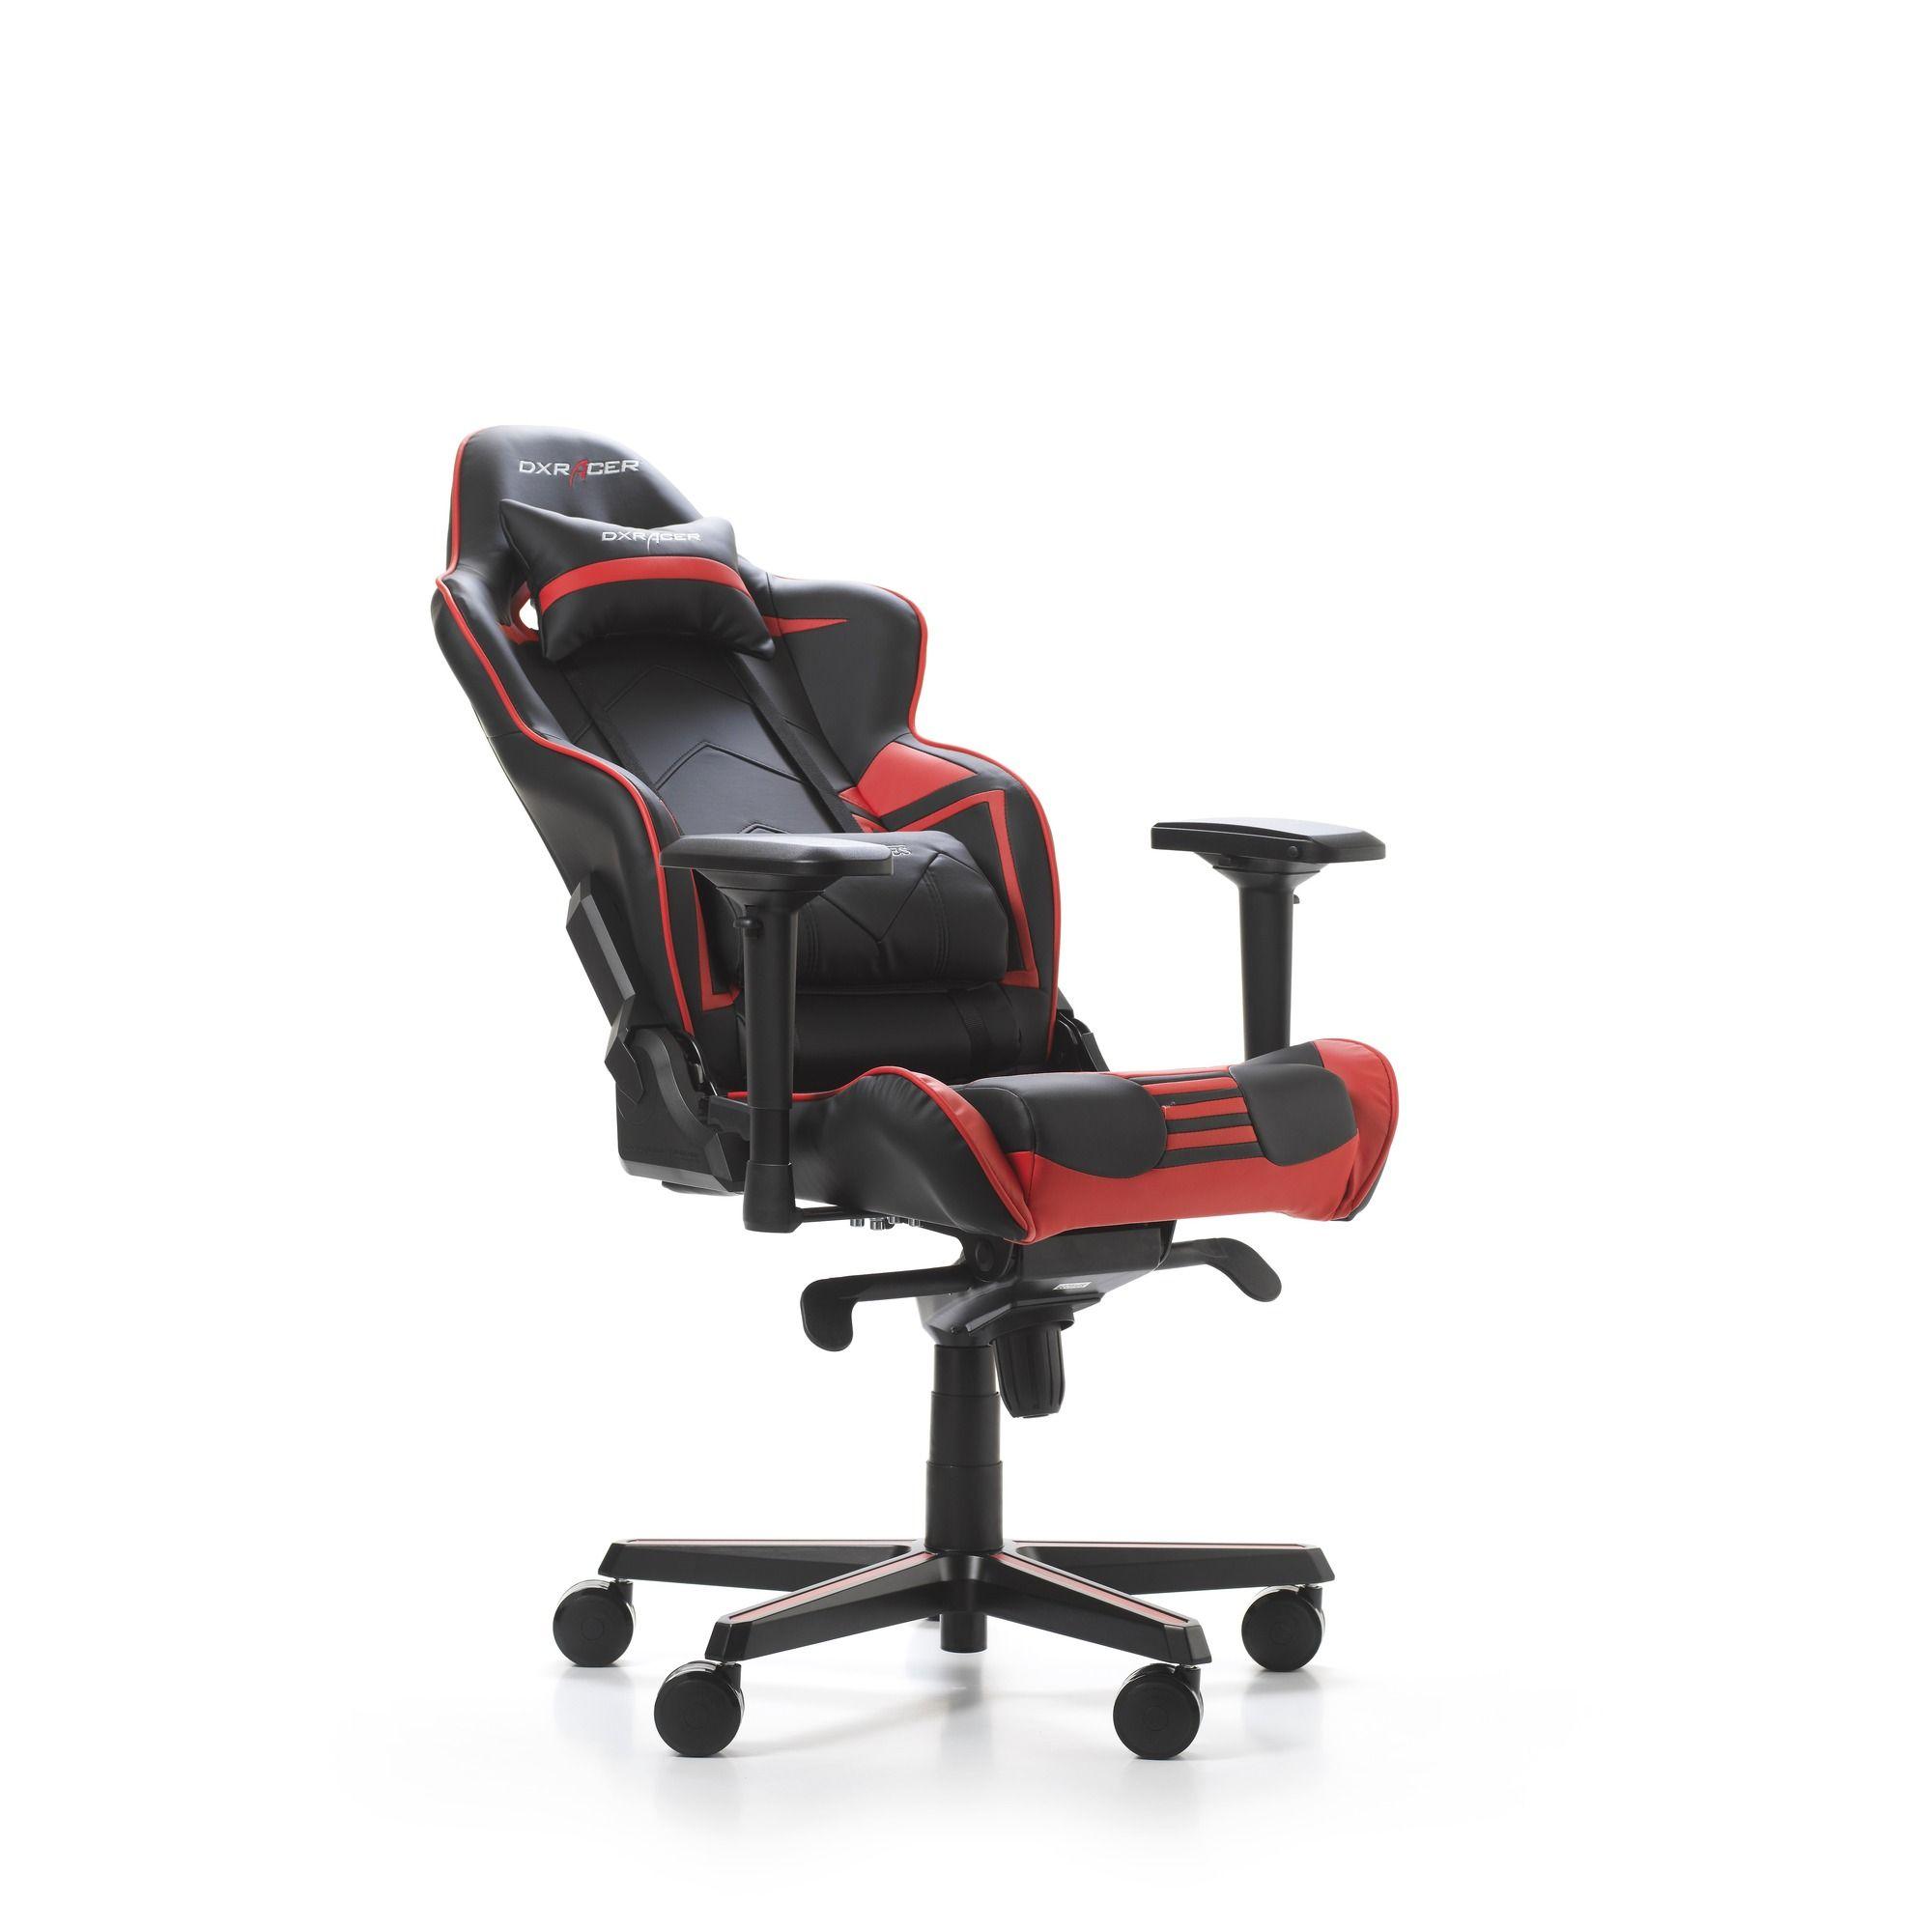 Гейминг стол DXRacer OH/RV131/NR - серия RACING V2, черен/червен - 3